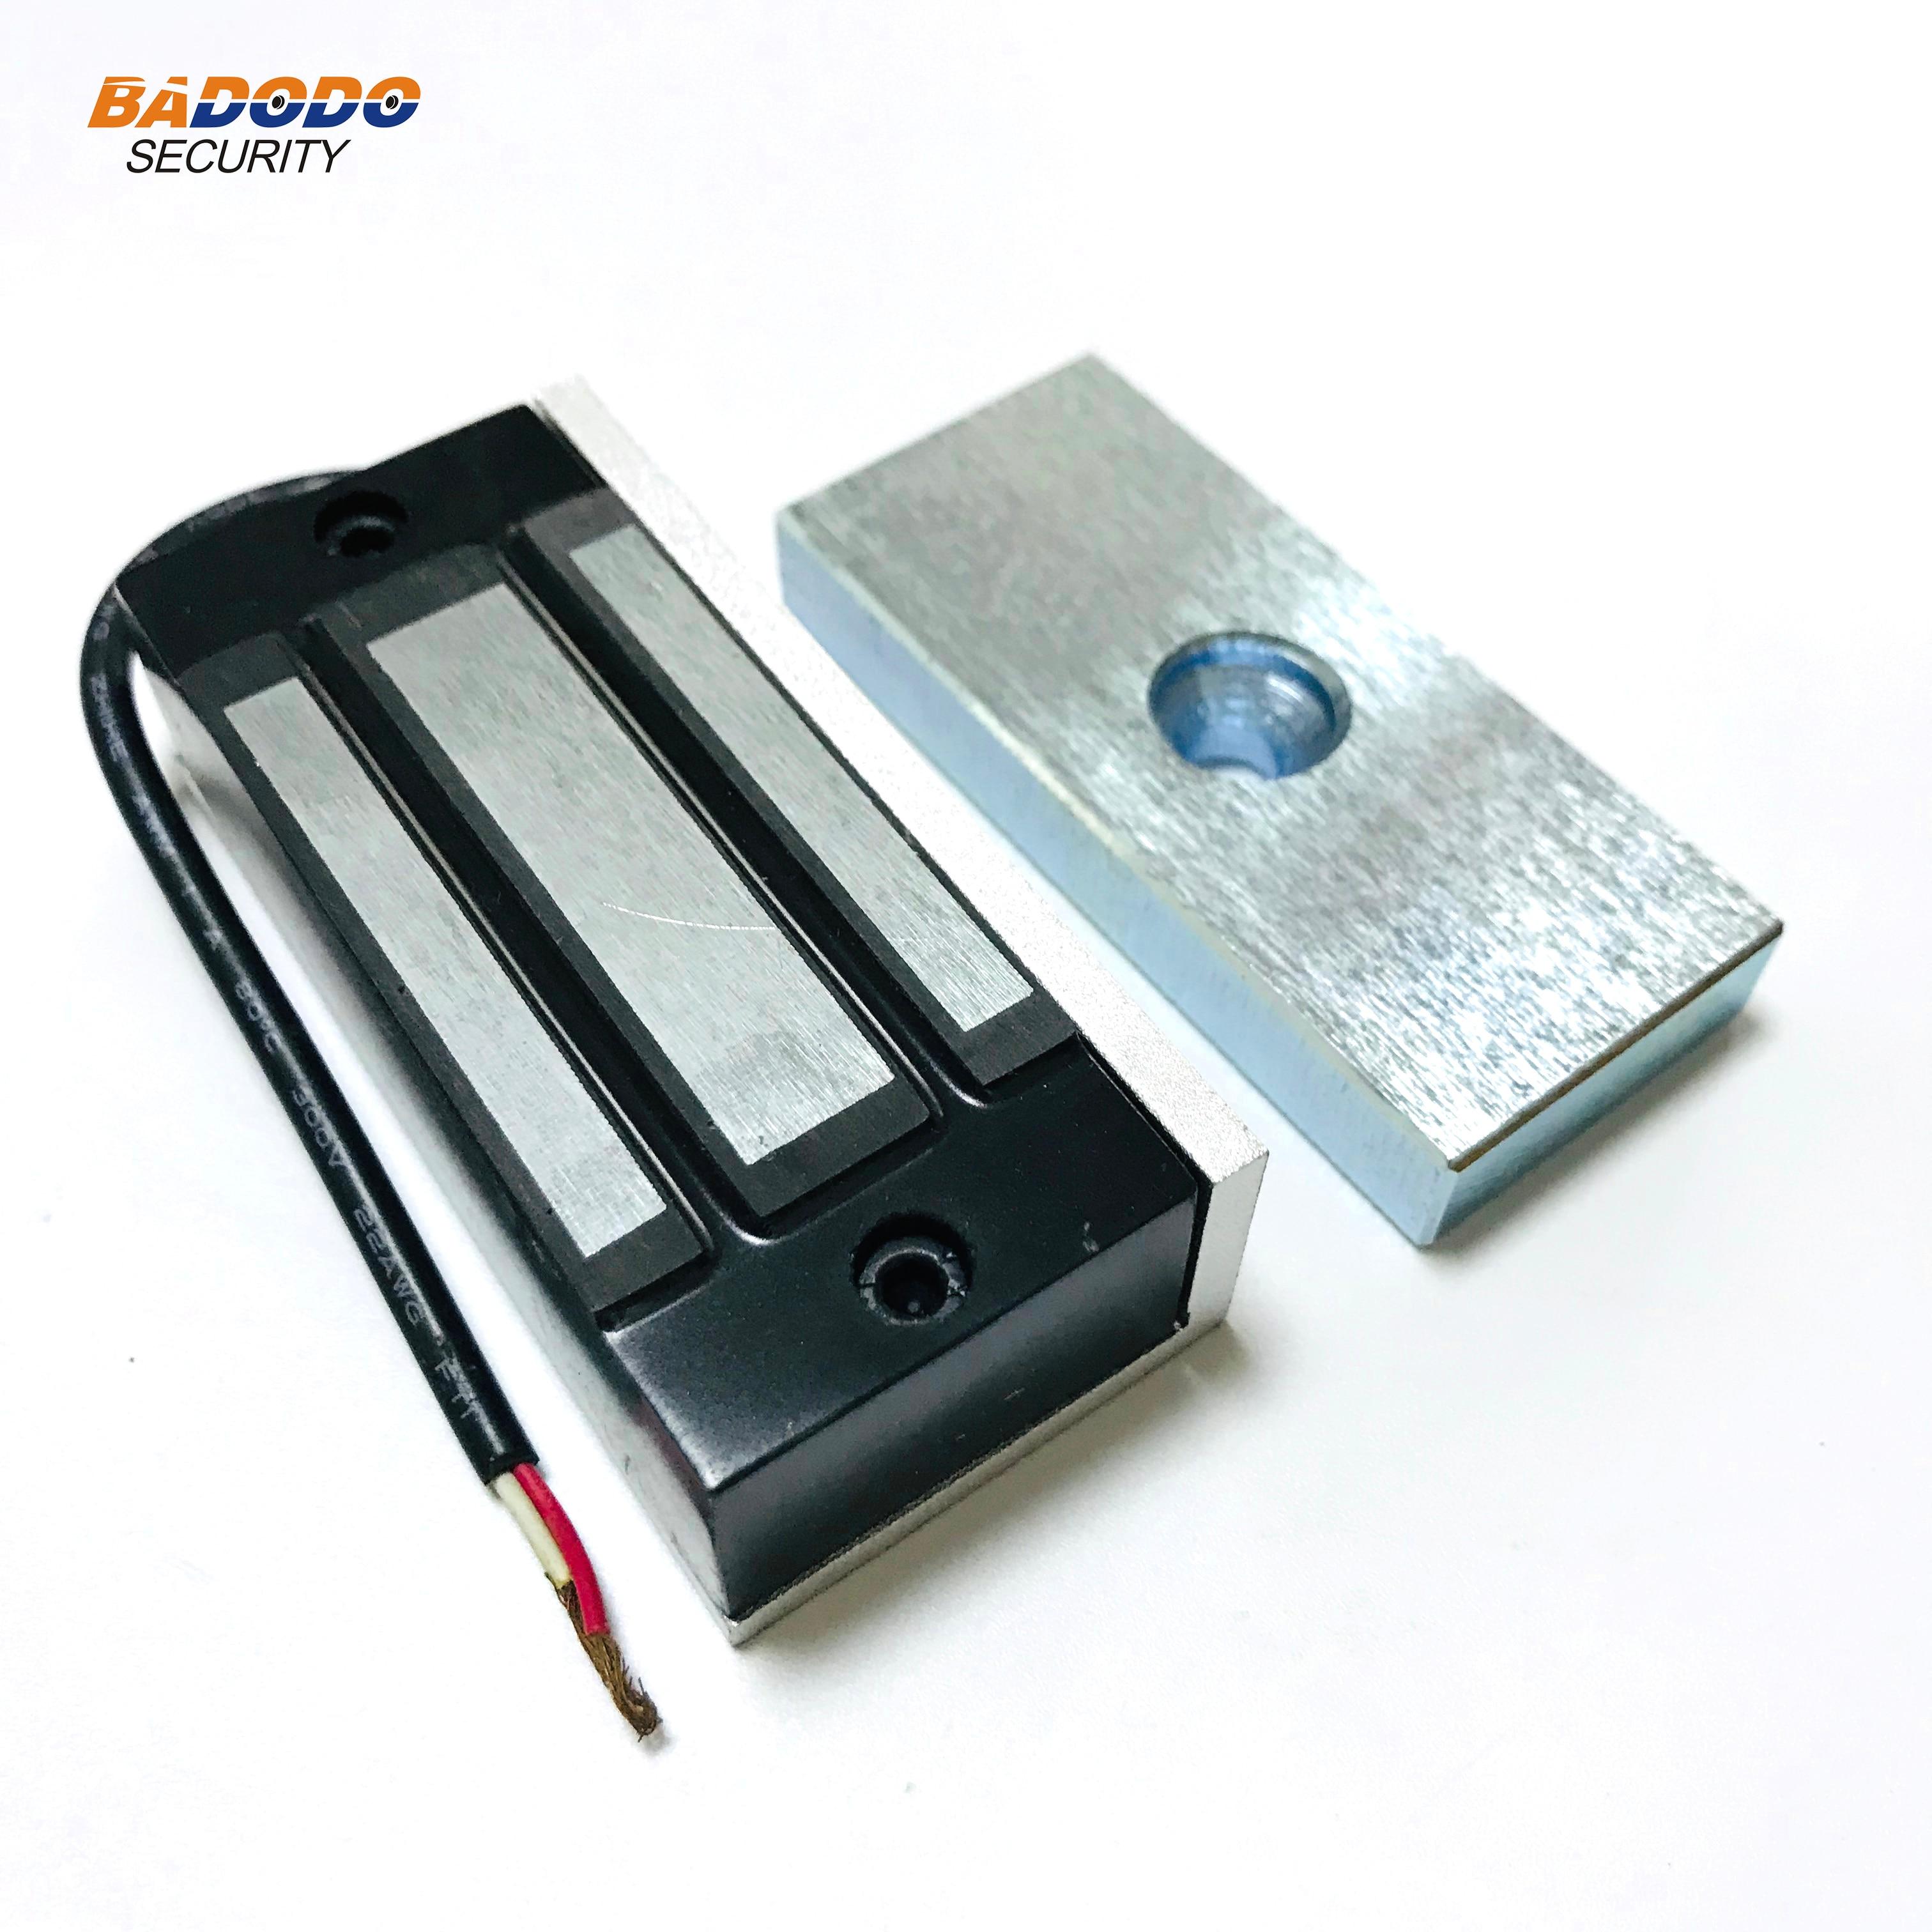 Электромагнитный замок для дверей шкафов, бескаркасная стеклянная дверь, мощность 12 В/24 В, вес 60 кг/100 фунтов